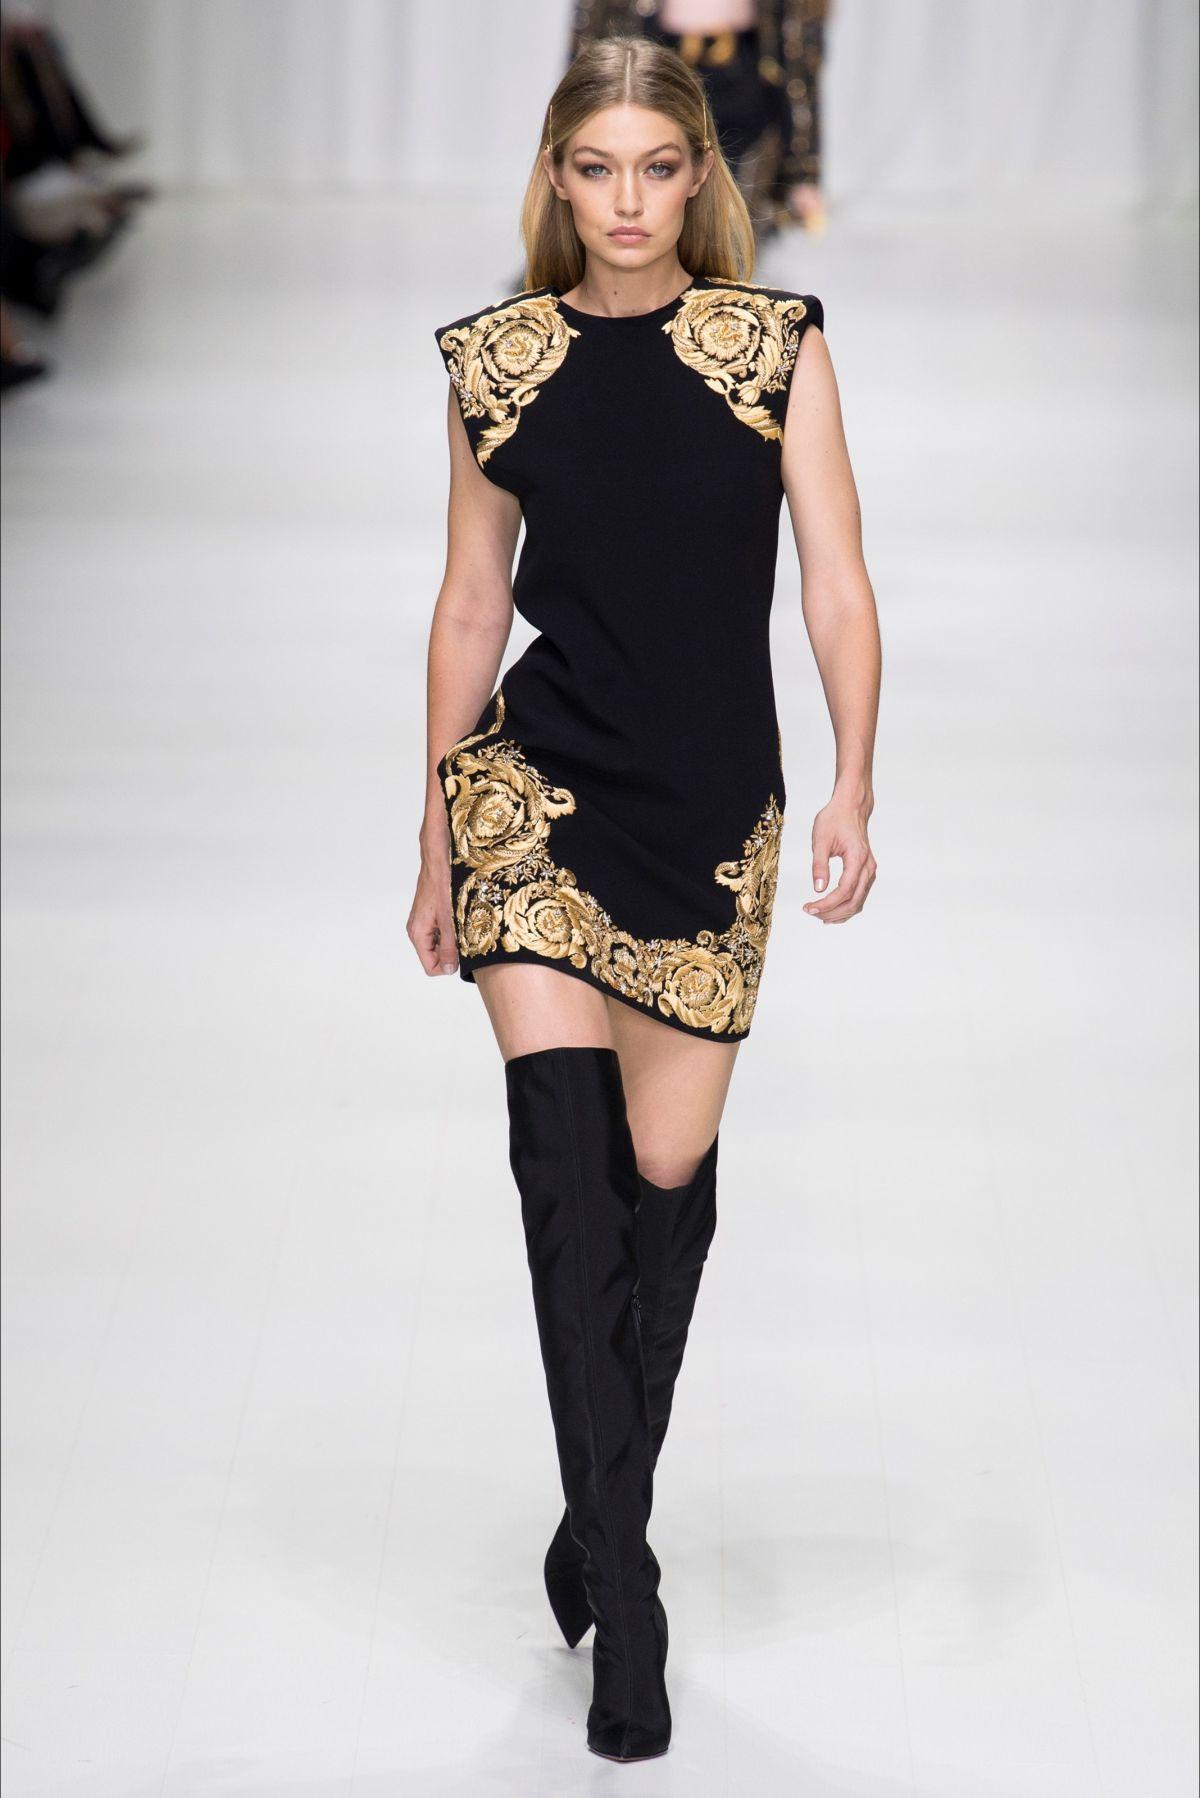 Gigi hadid archives page 3 of 78 hawtcelebs hawtcelebs for Gigi hadid fashion week